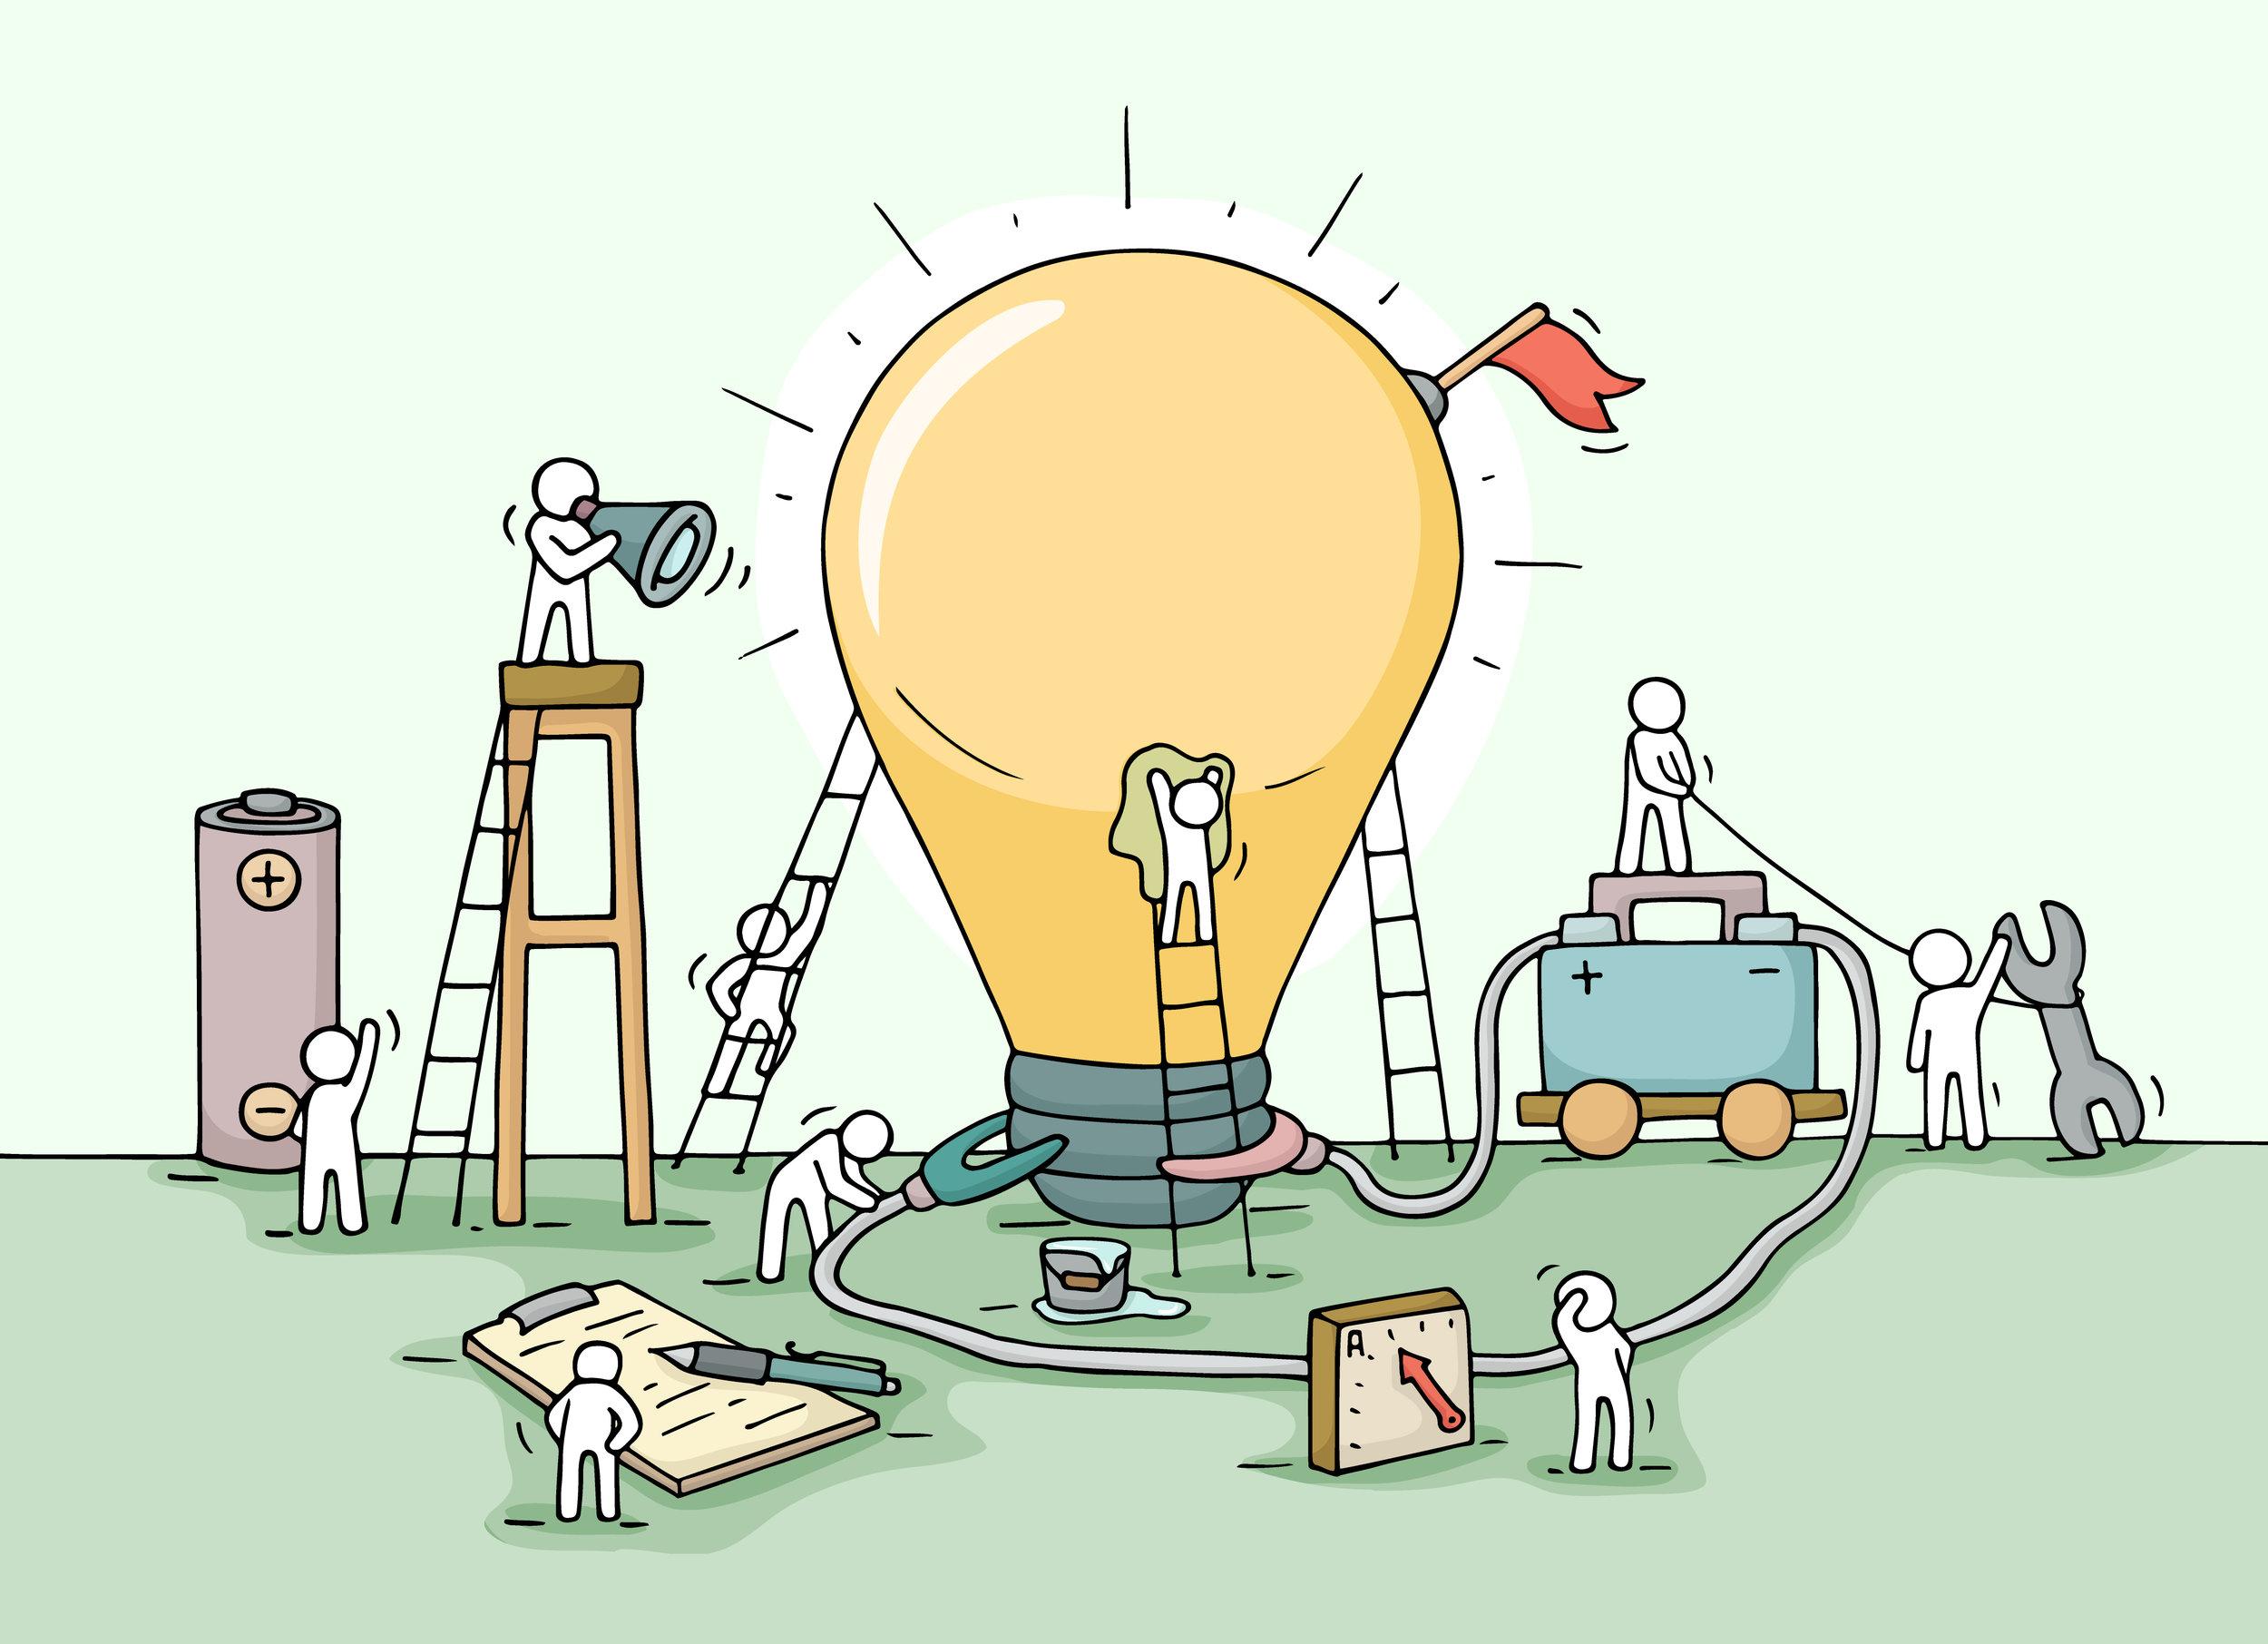 lamp-idea1.jpg